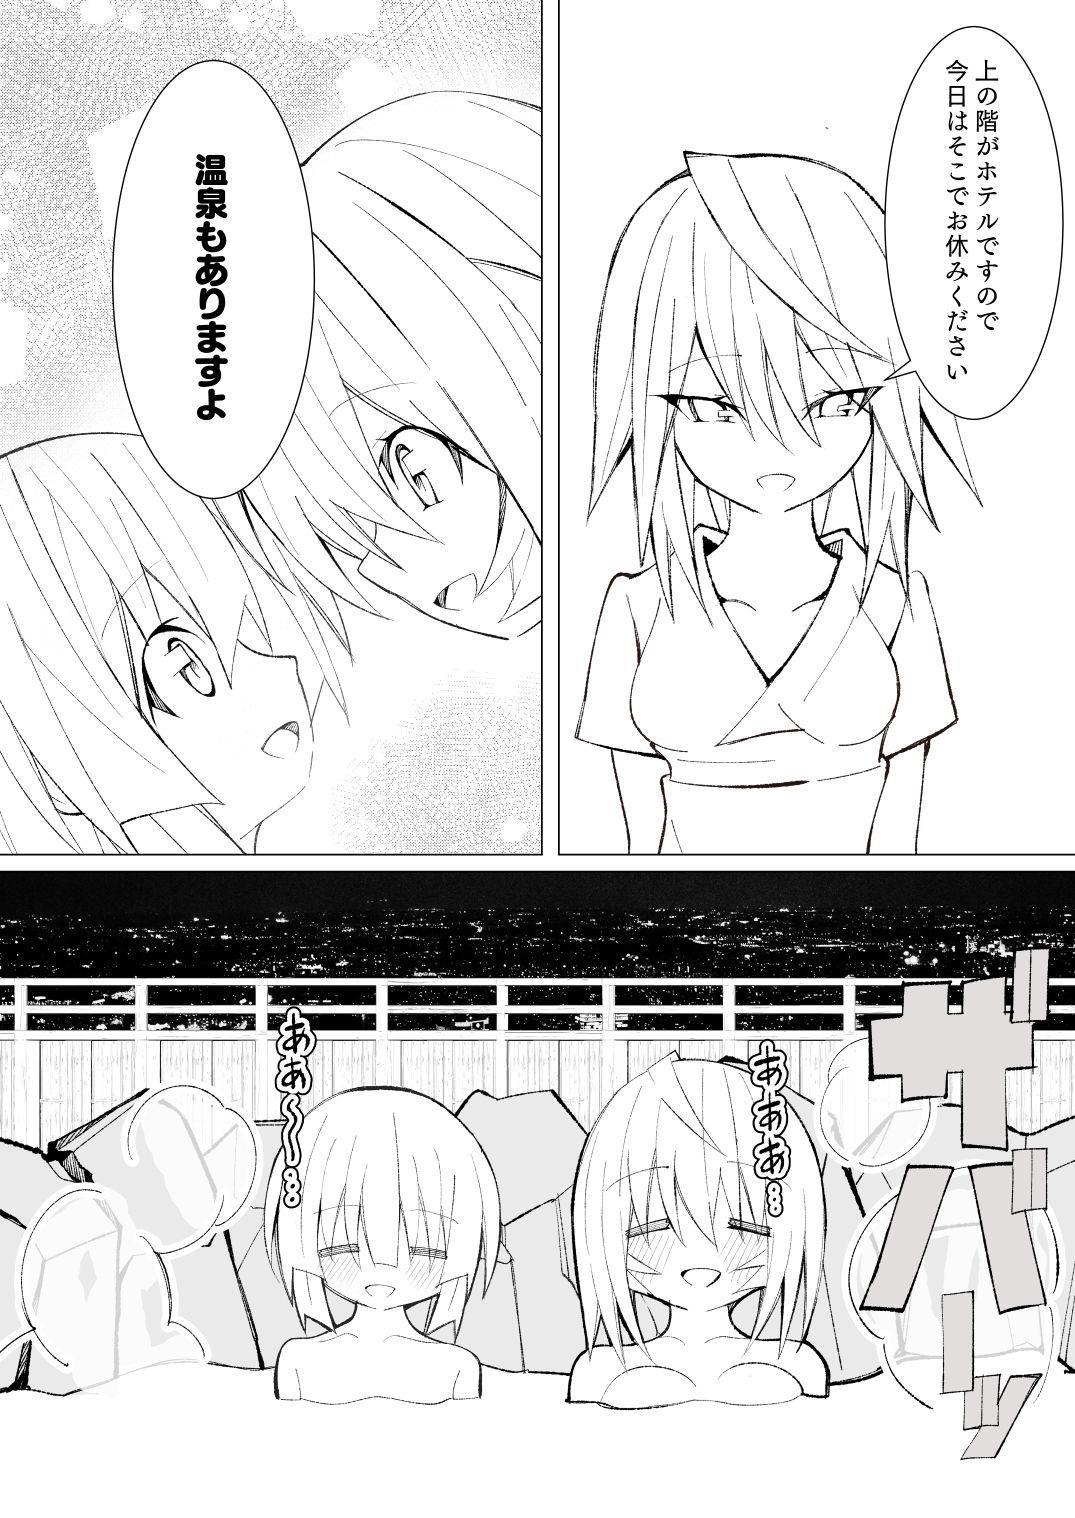 Ishu kan fūzoku-gai3 shokubutsu shokushu × rori 96